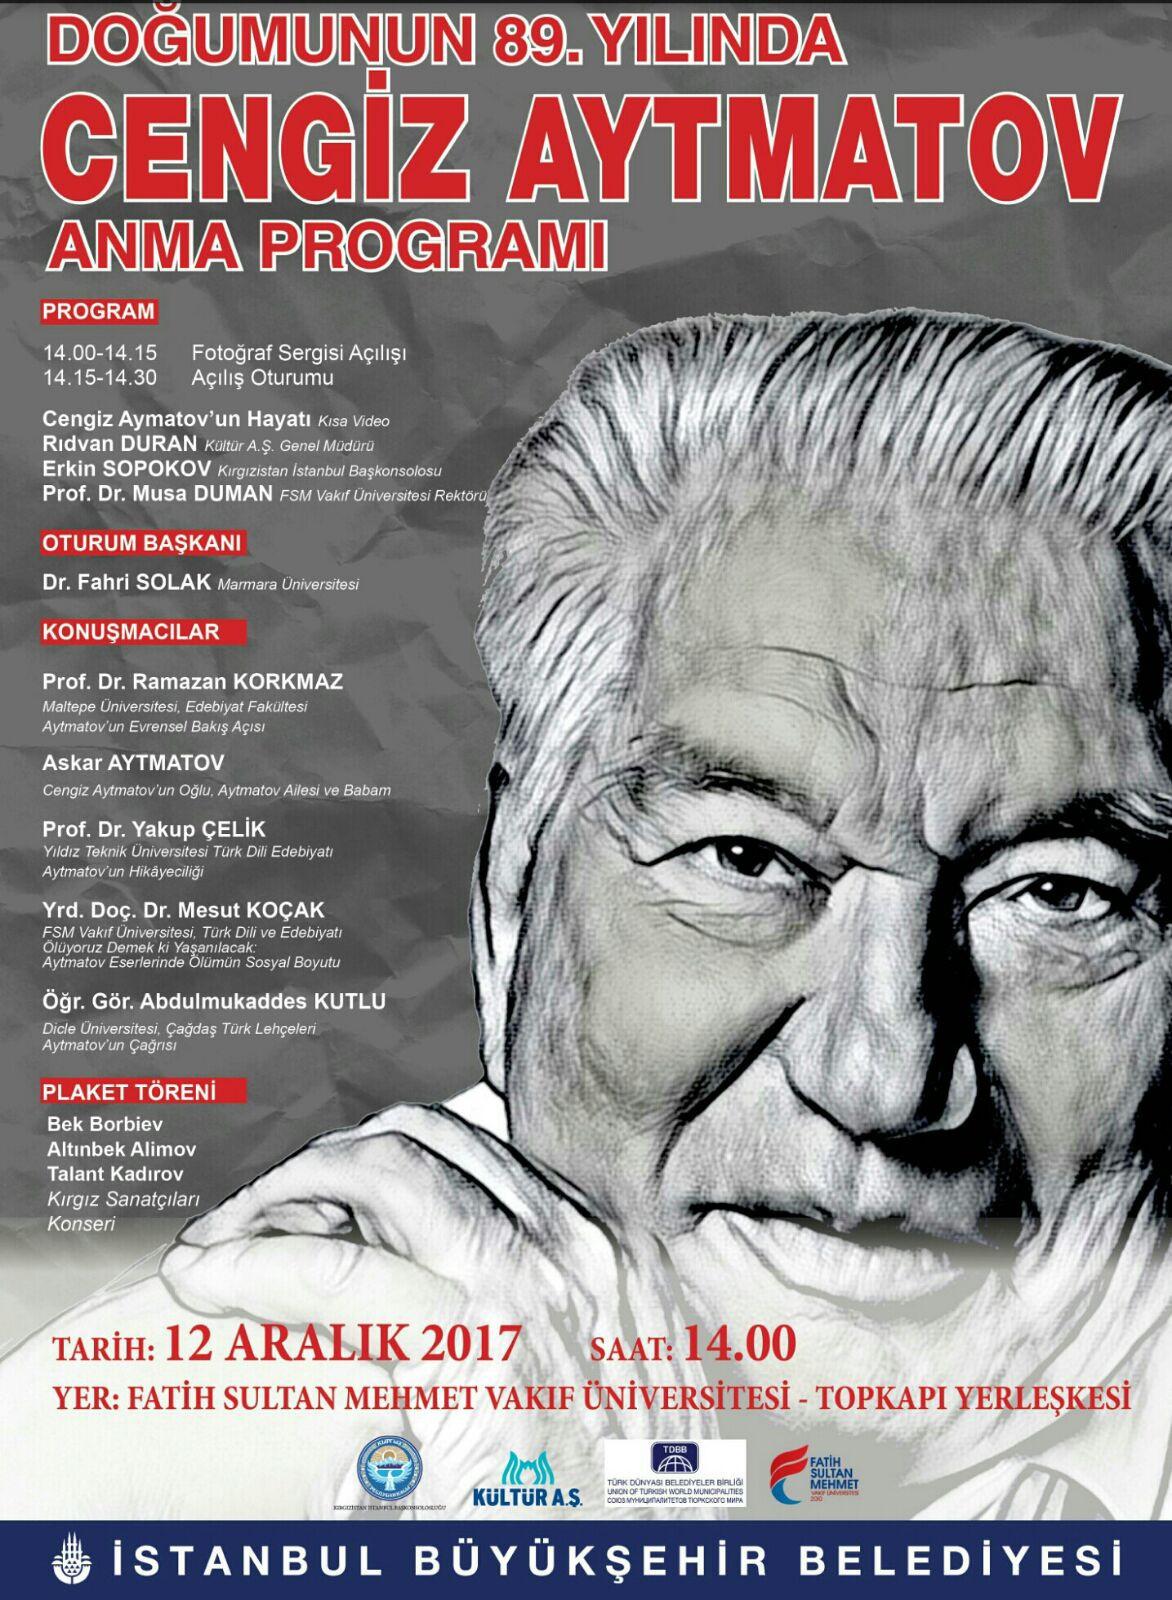 Cengiz Aytmatov Doğumunun 89. Yıldönümünde Anılıyor Galeri - 1. Resim